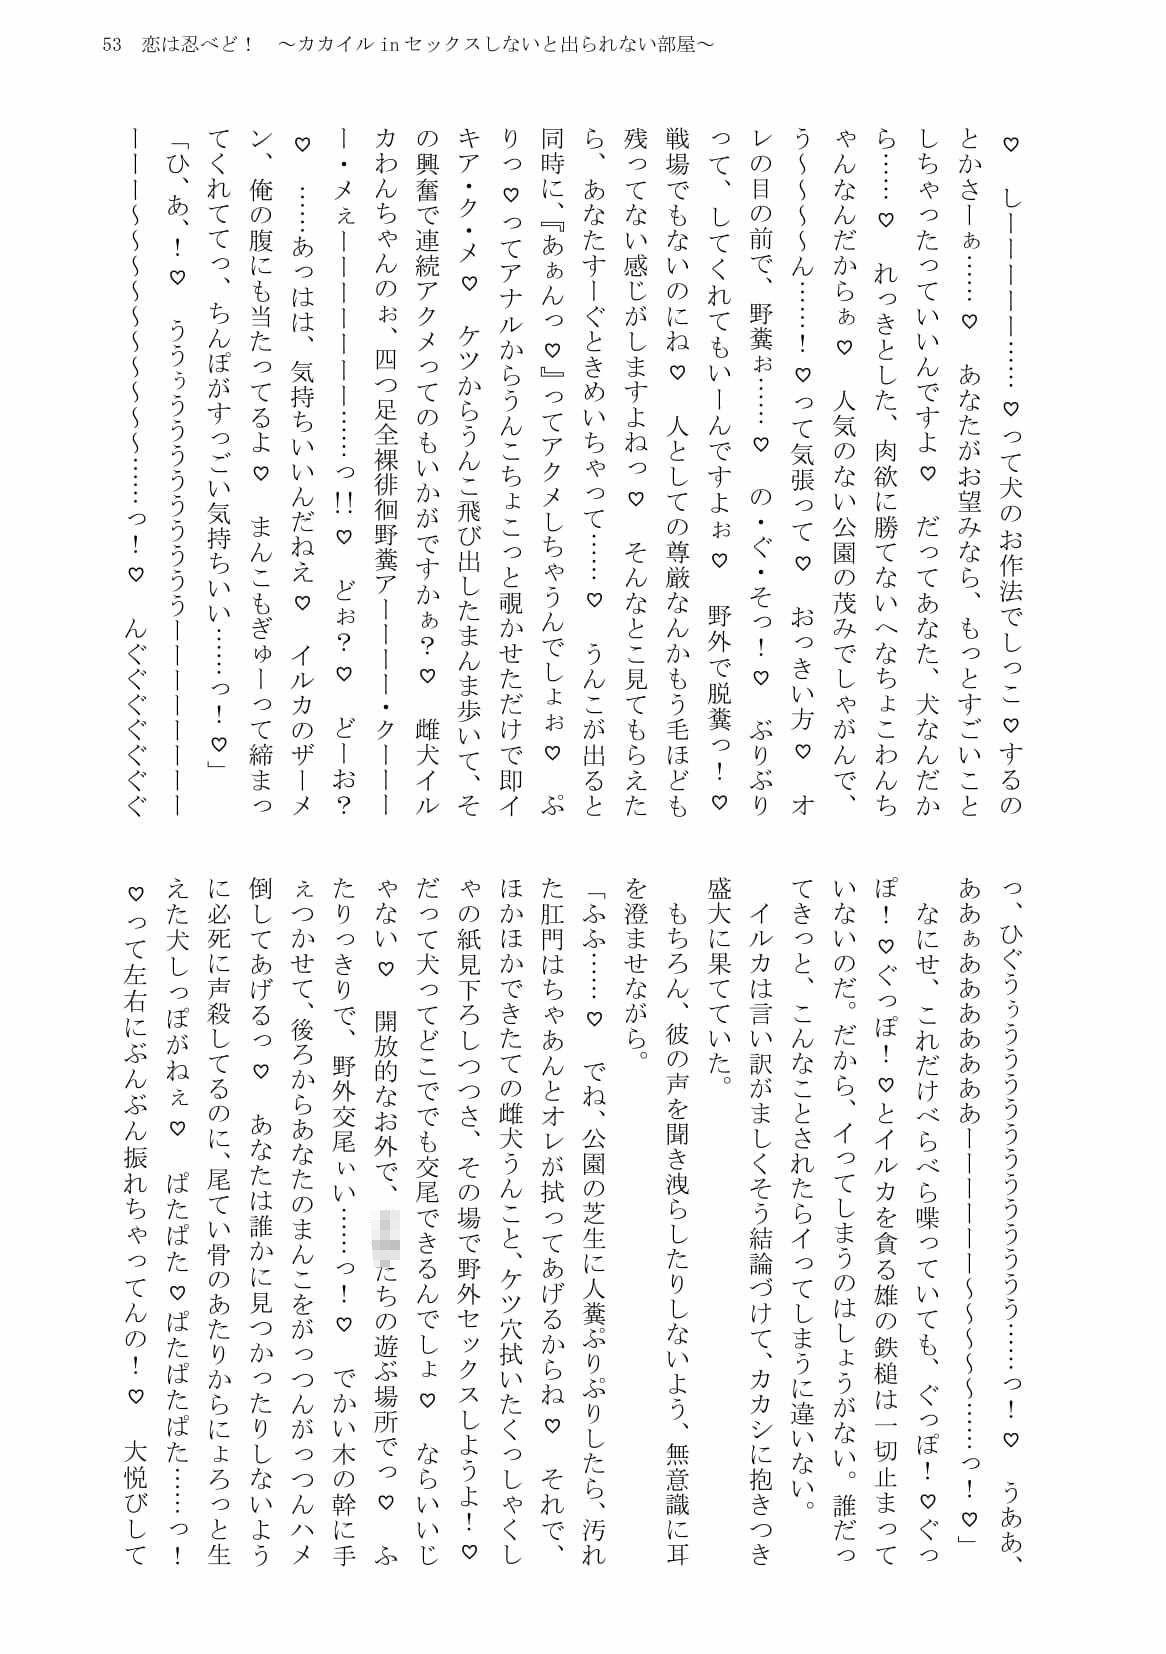 恋は忍べど! 〜カカイル in セックスしないと出られない部屋〜